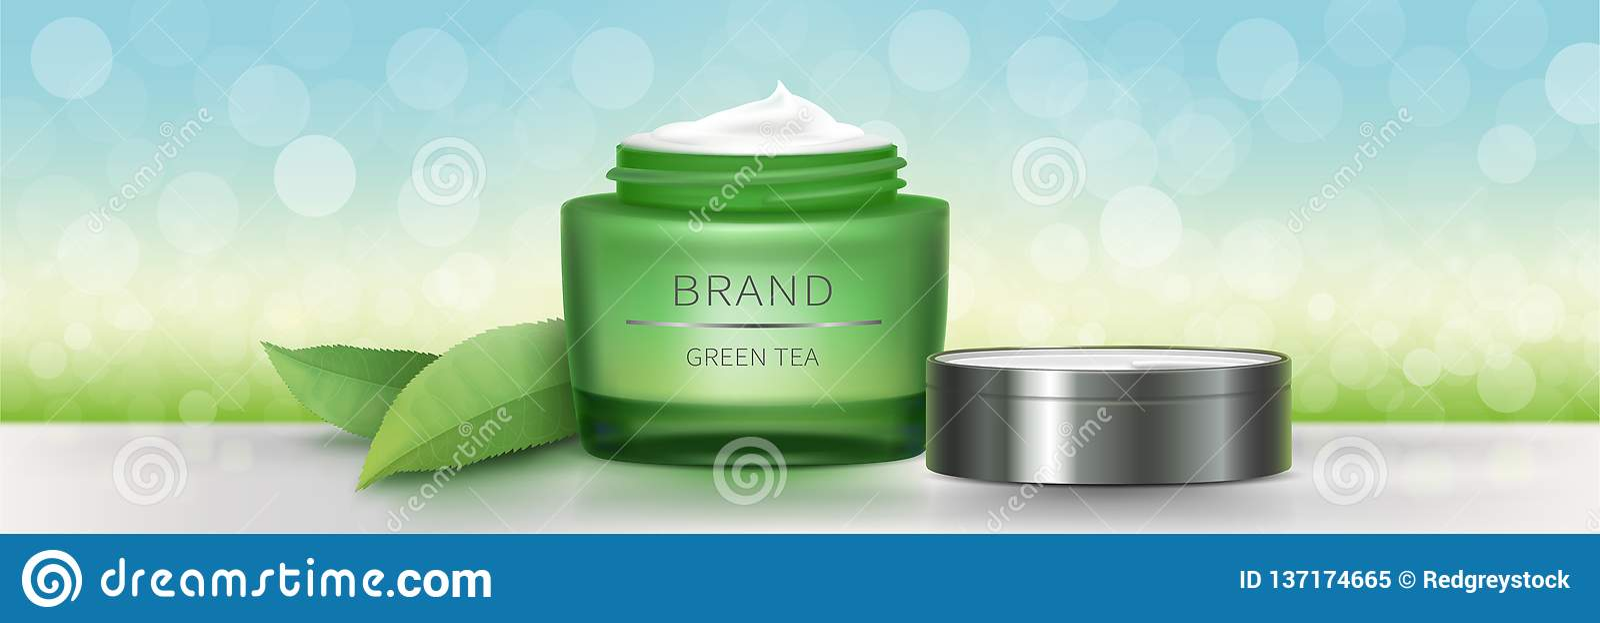 Barattolo di vetro verde con crema naturale